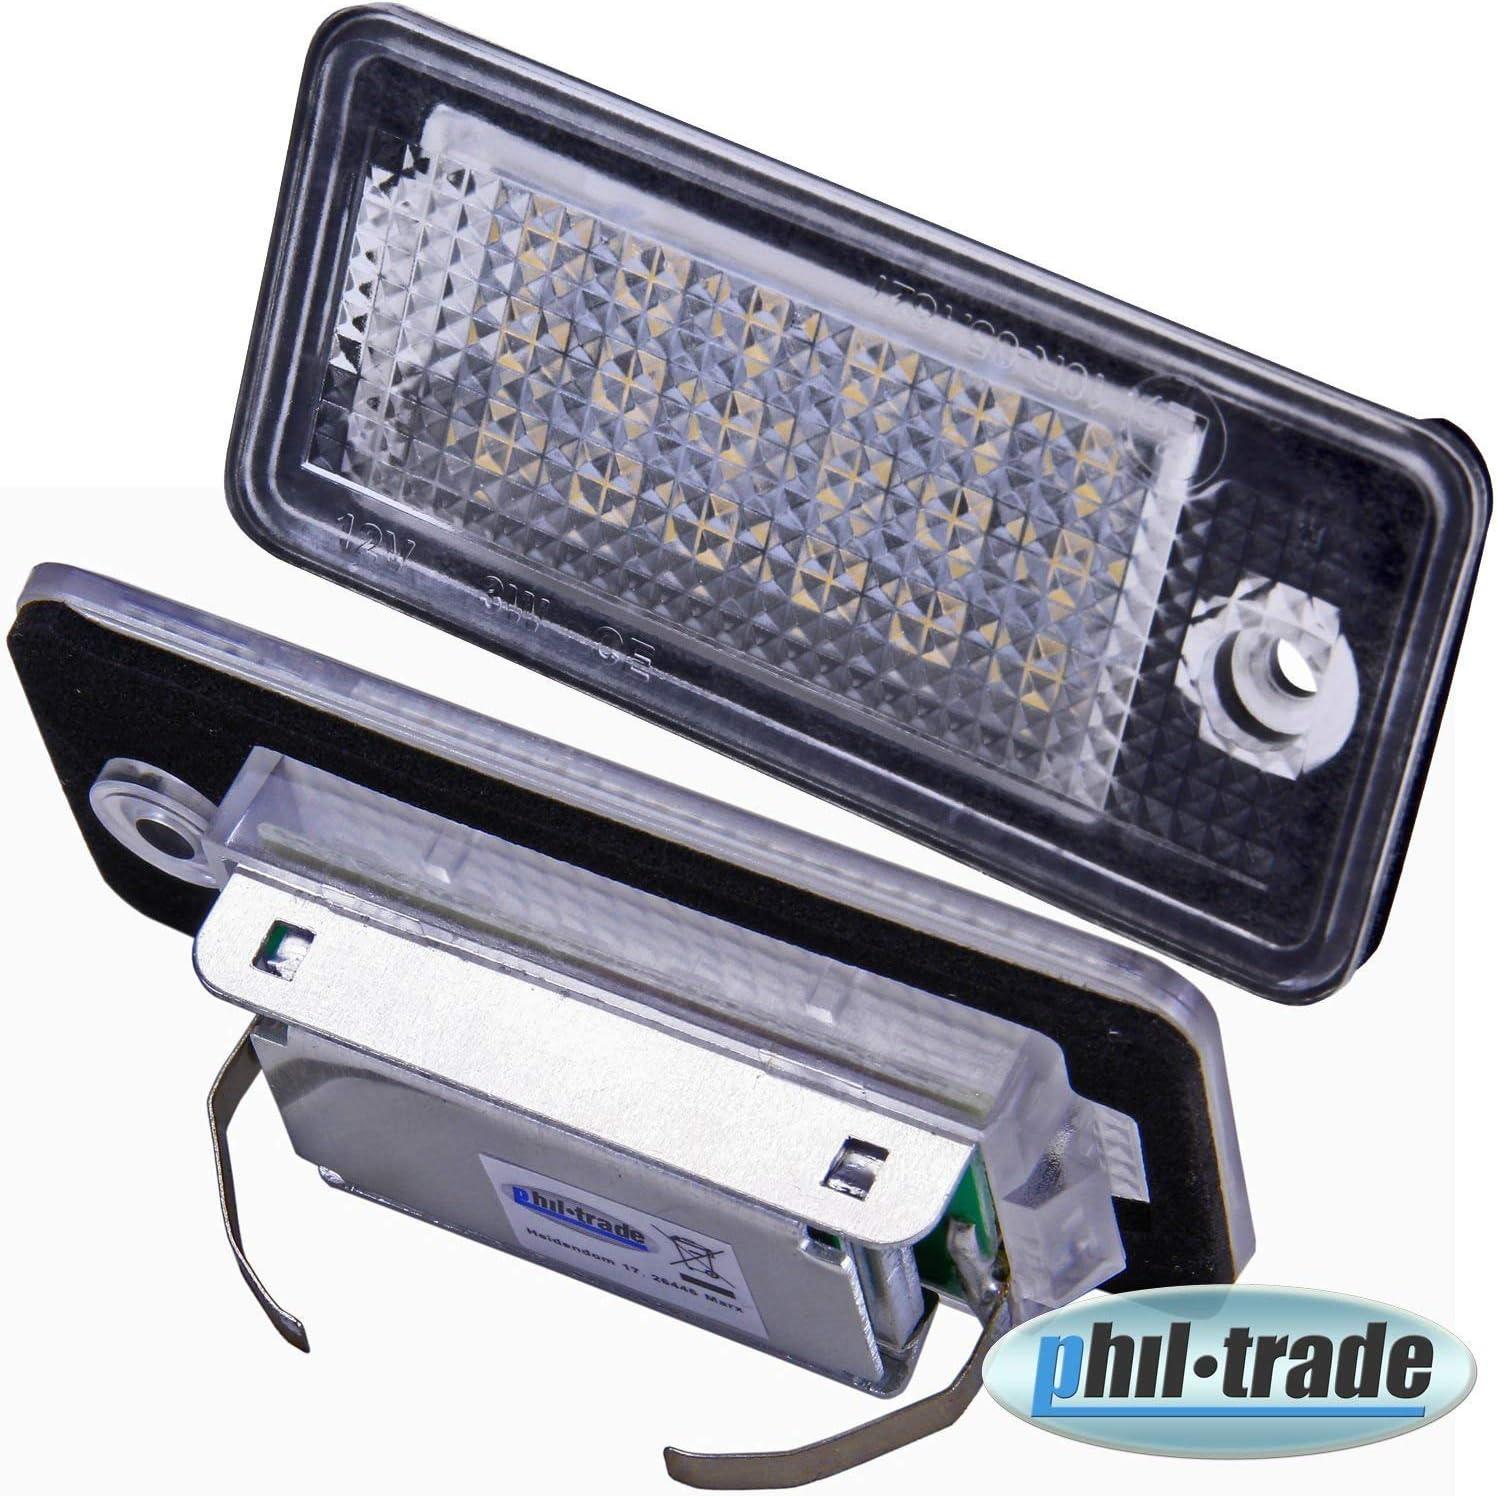 Phil Trade 23234534545gdf Kennzeichenbeleuchtung Led Auto